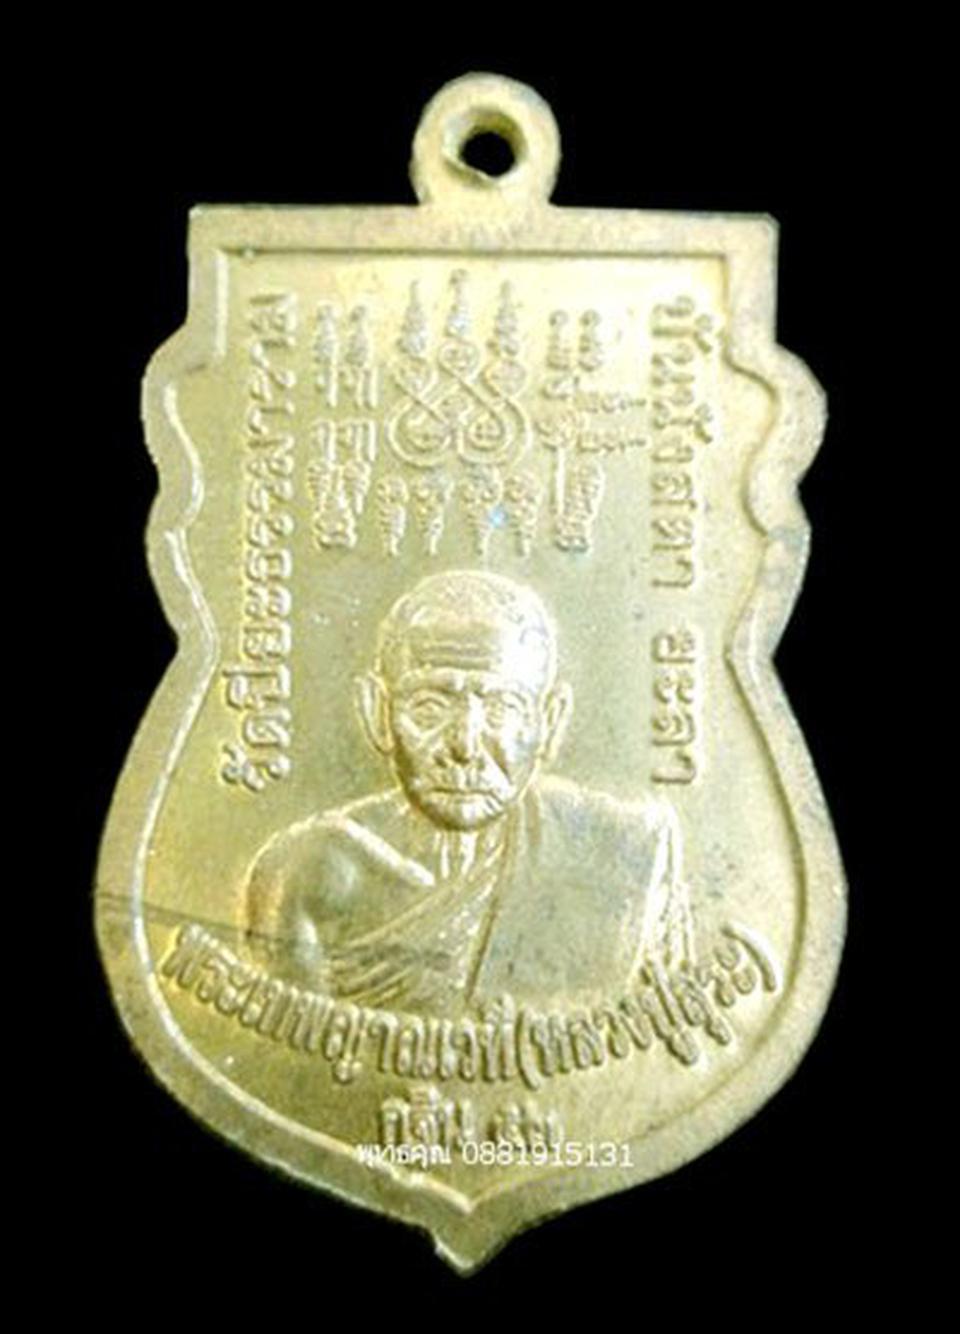 เหรียญรุ่นแรกหลวงปู่ทวดหลังหลวงปู่สุระ วัดปิยะธรรมาราม ยะลา รูปที่ 4